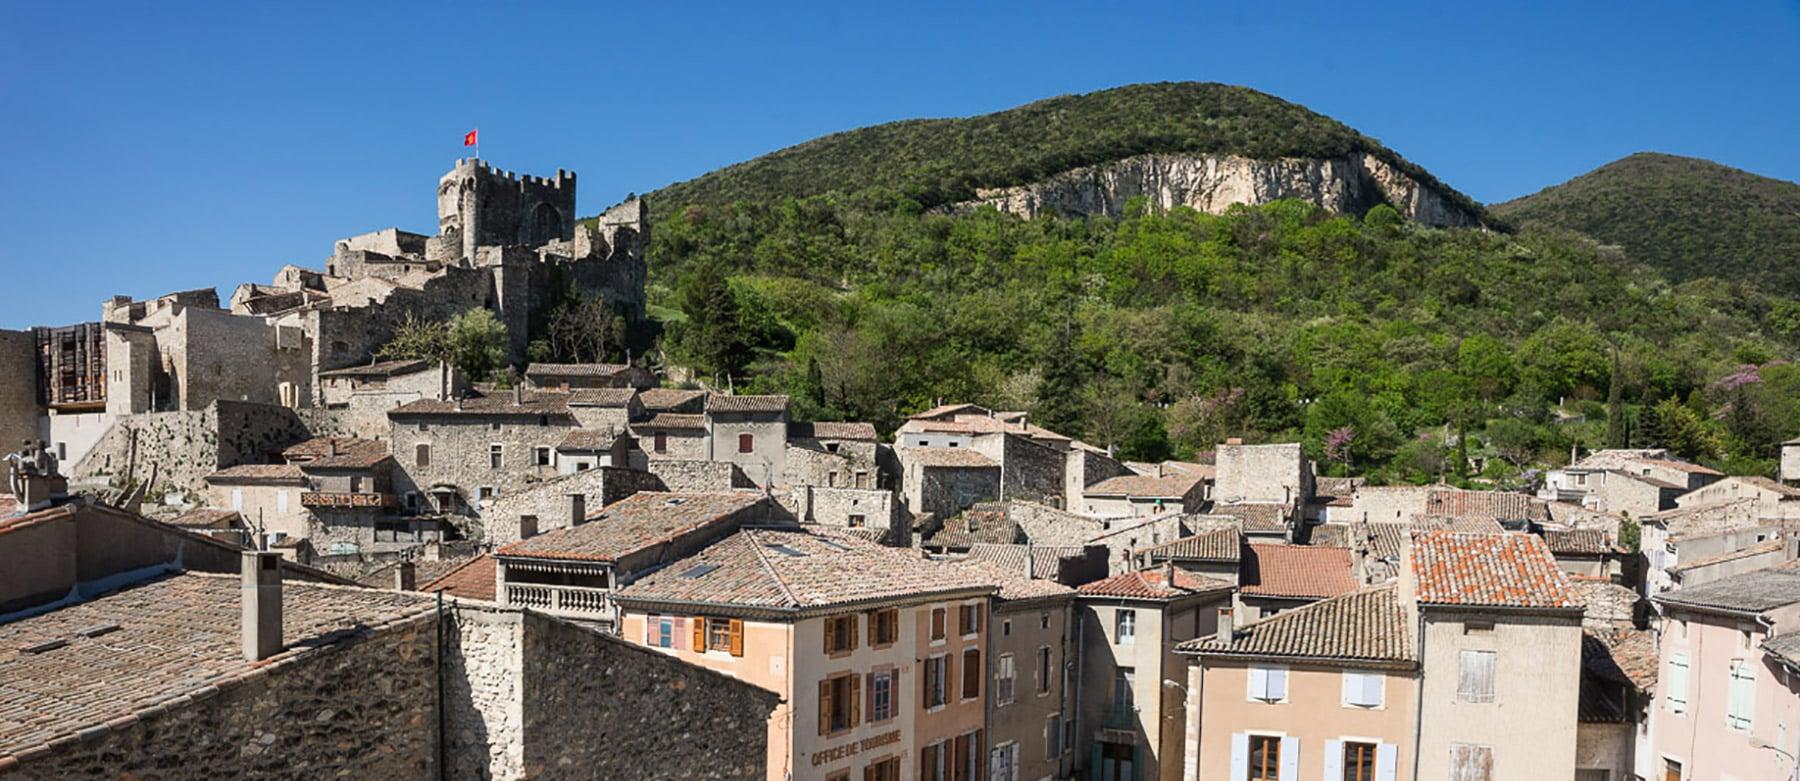 cruas-ruelles-village-medieval-hauteurs